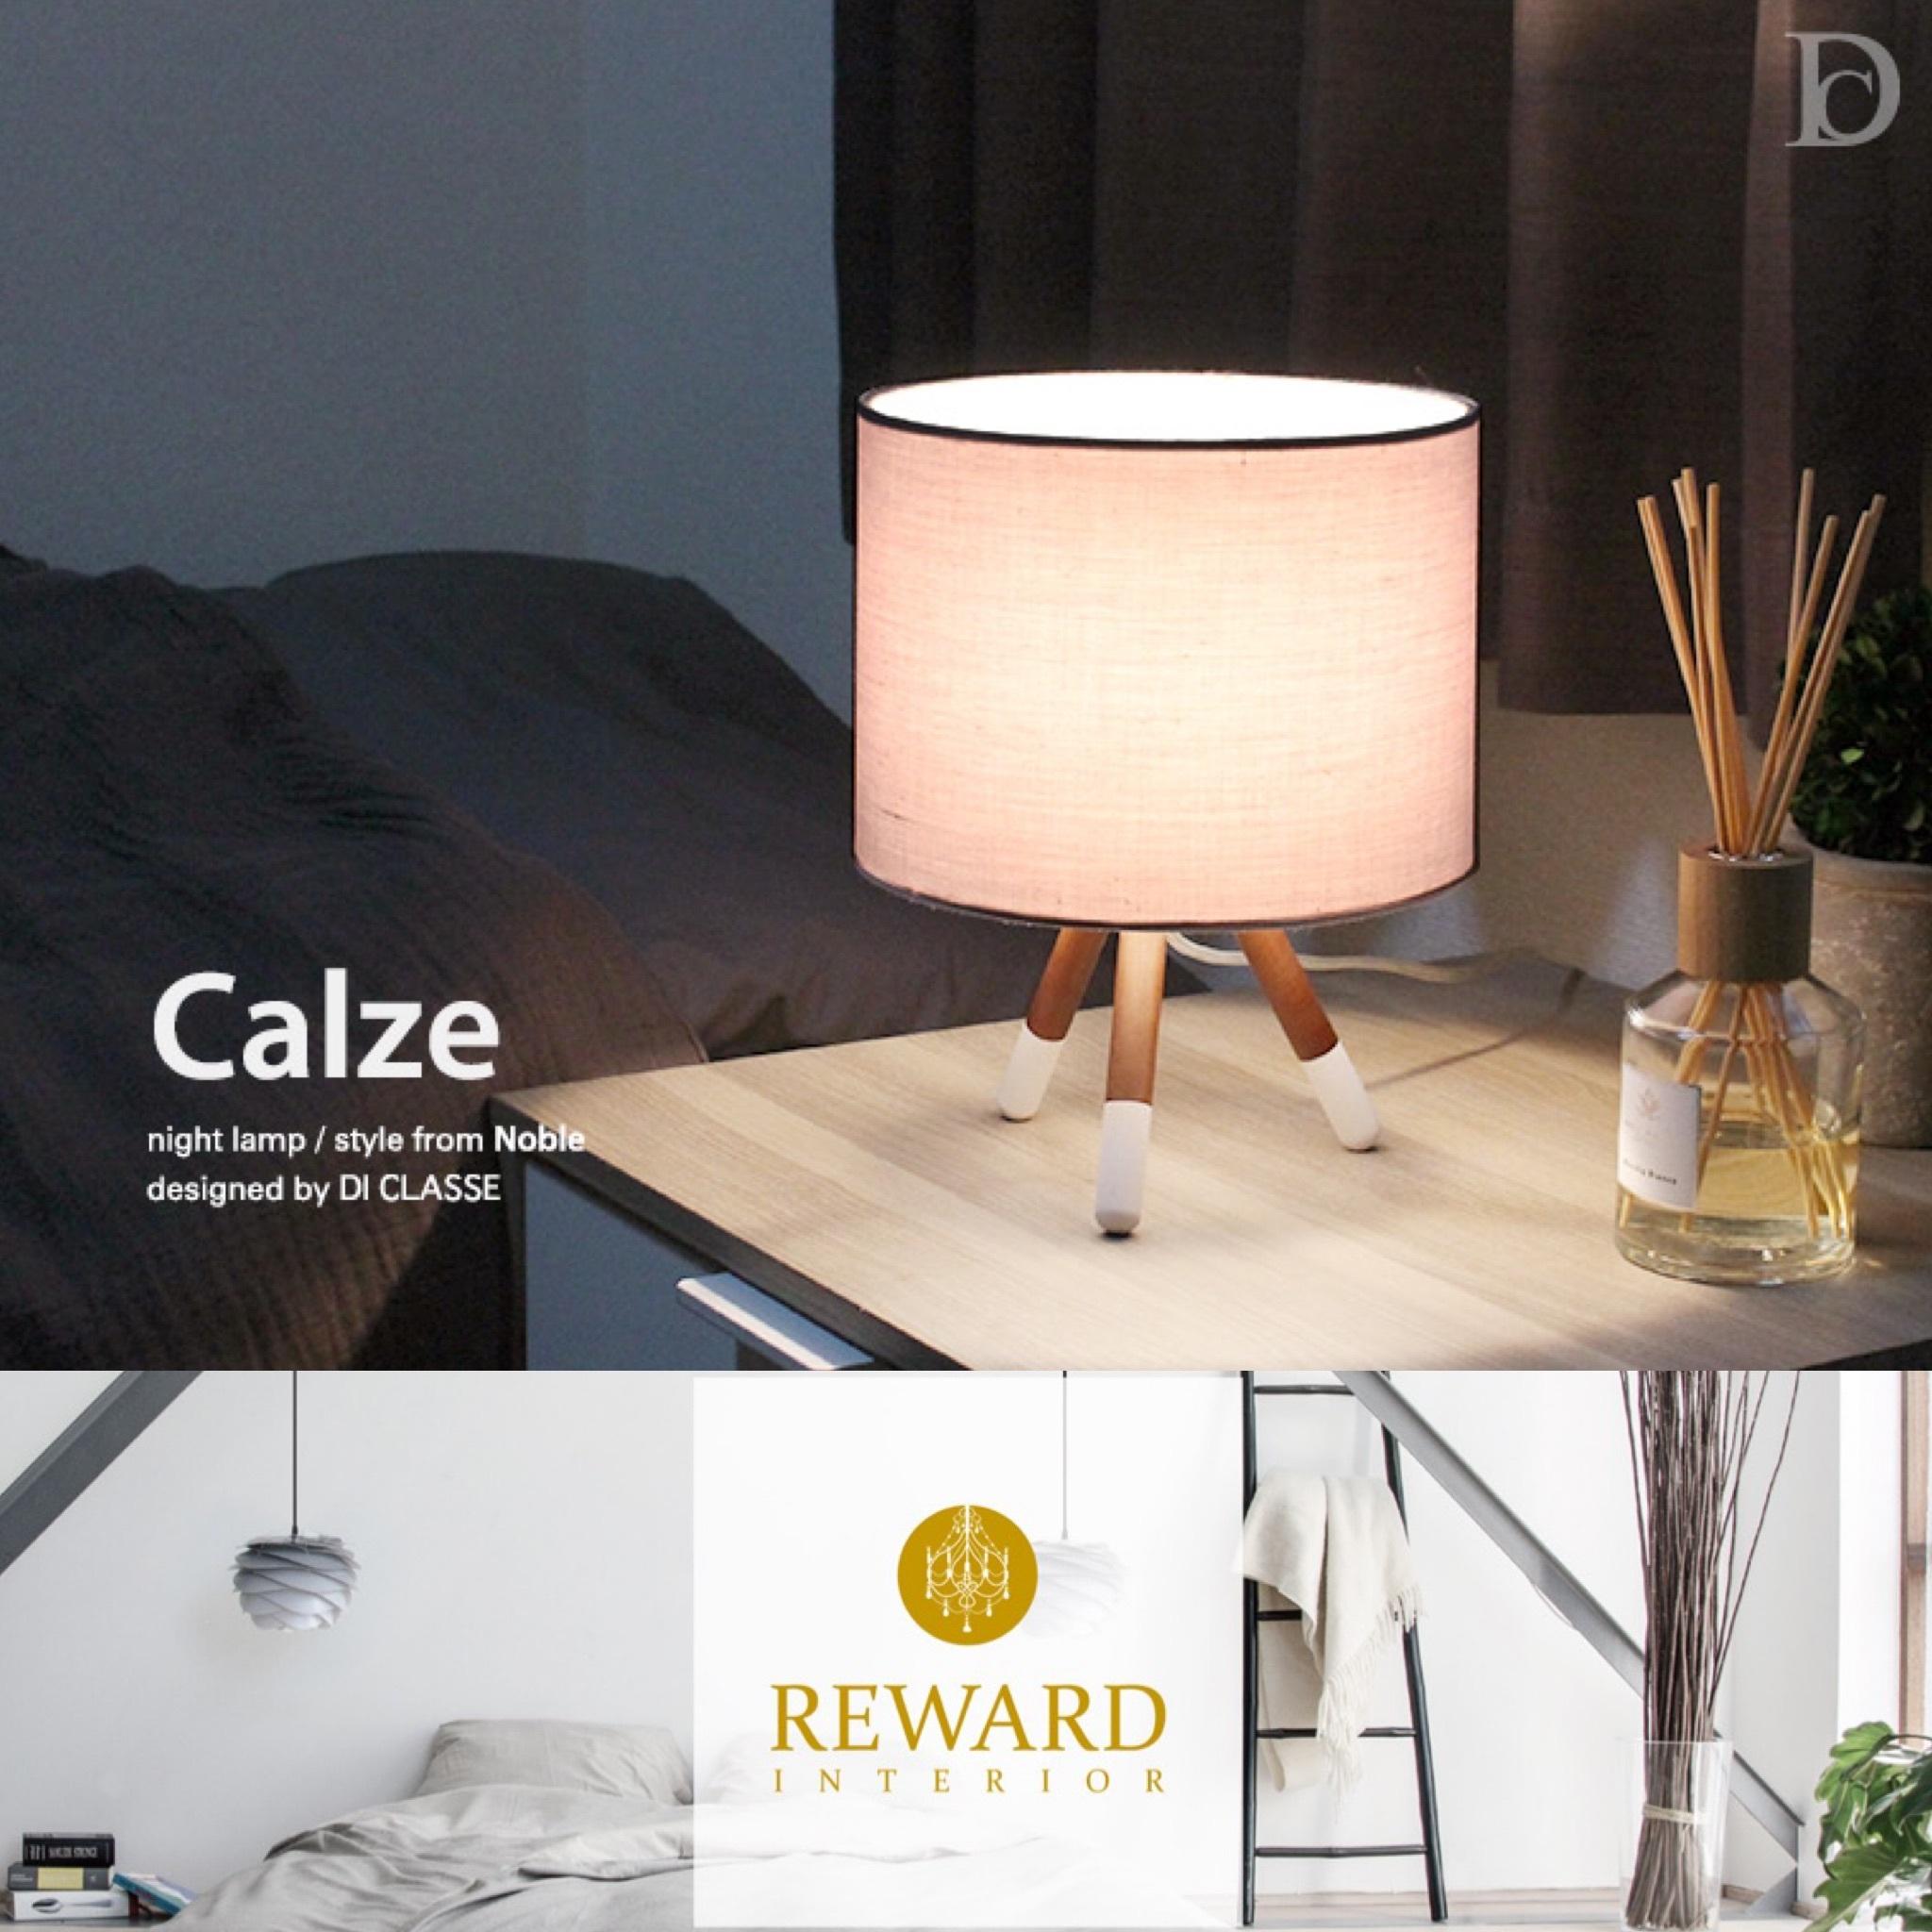 Calze night lamp カルツェ ナイトランプ デスクライト 照明 DI-CLASSE 全2色